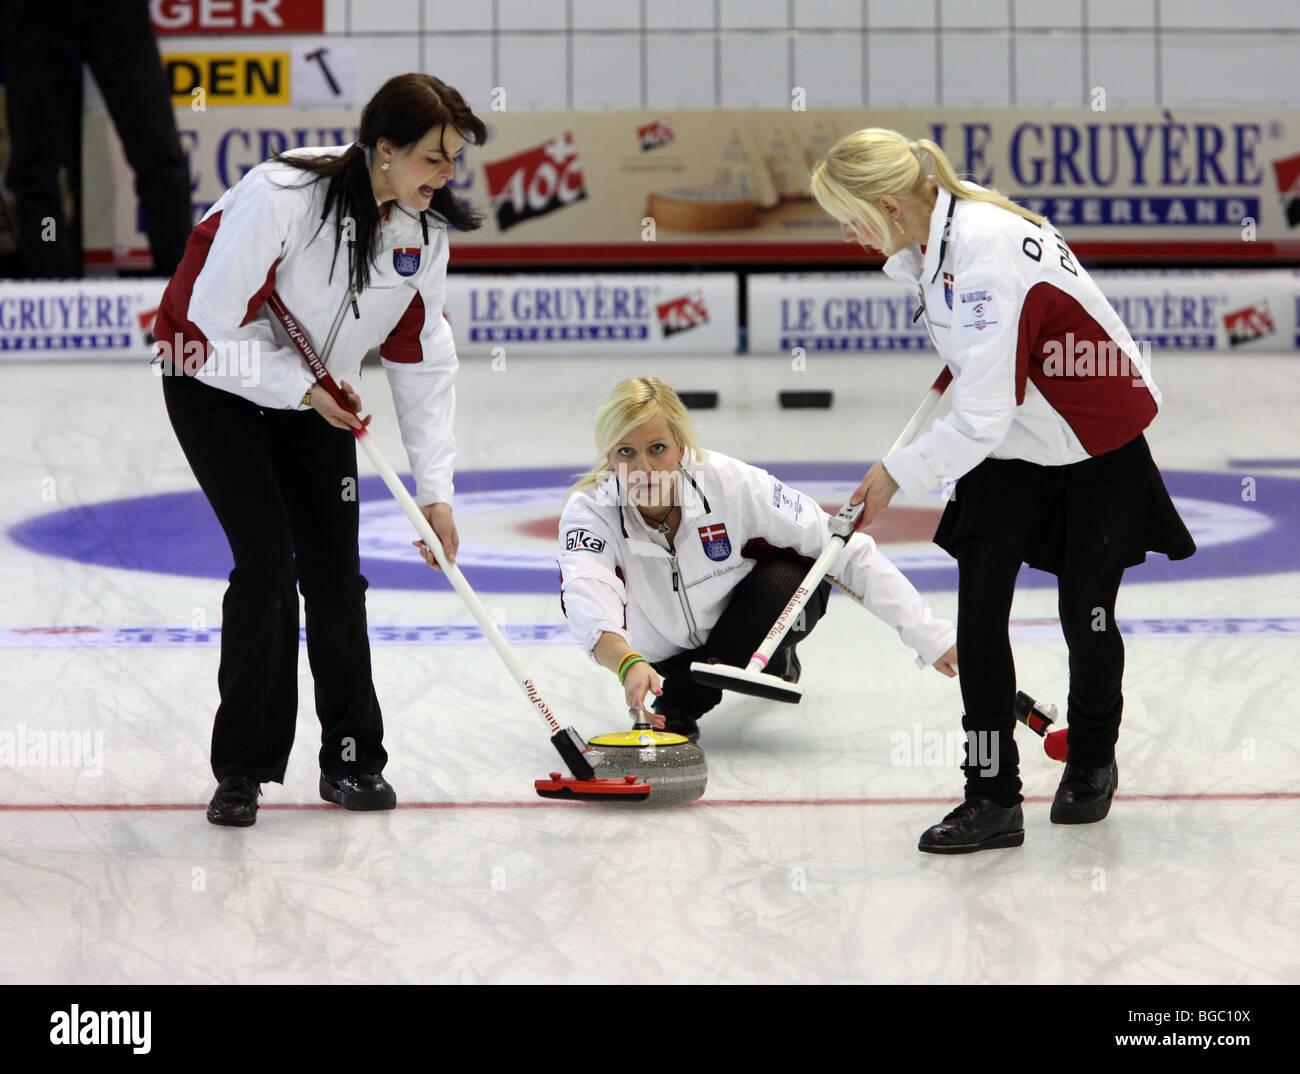 Rizadores tomando parte en el Campeonato Europeo de Curling en el LINX Ice Arena en Aberdeen, Escocia, Reino Unido Imagen De Stock